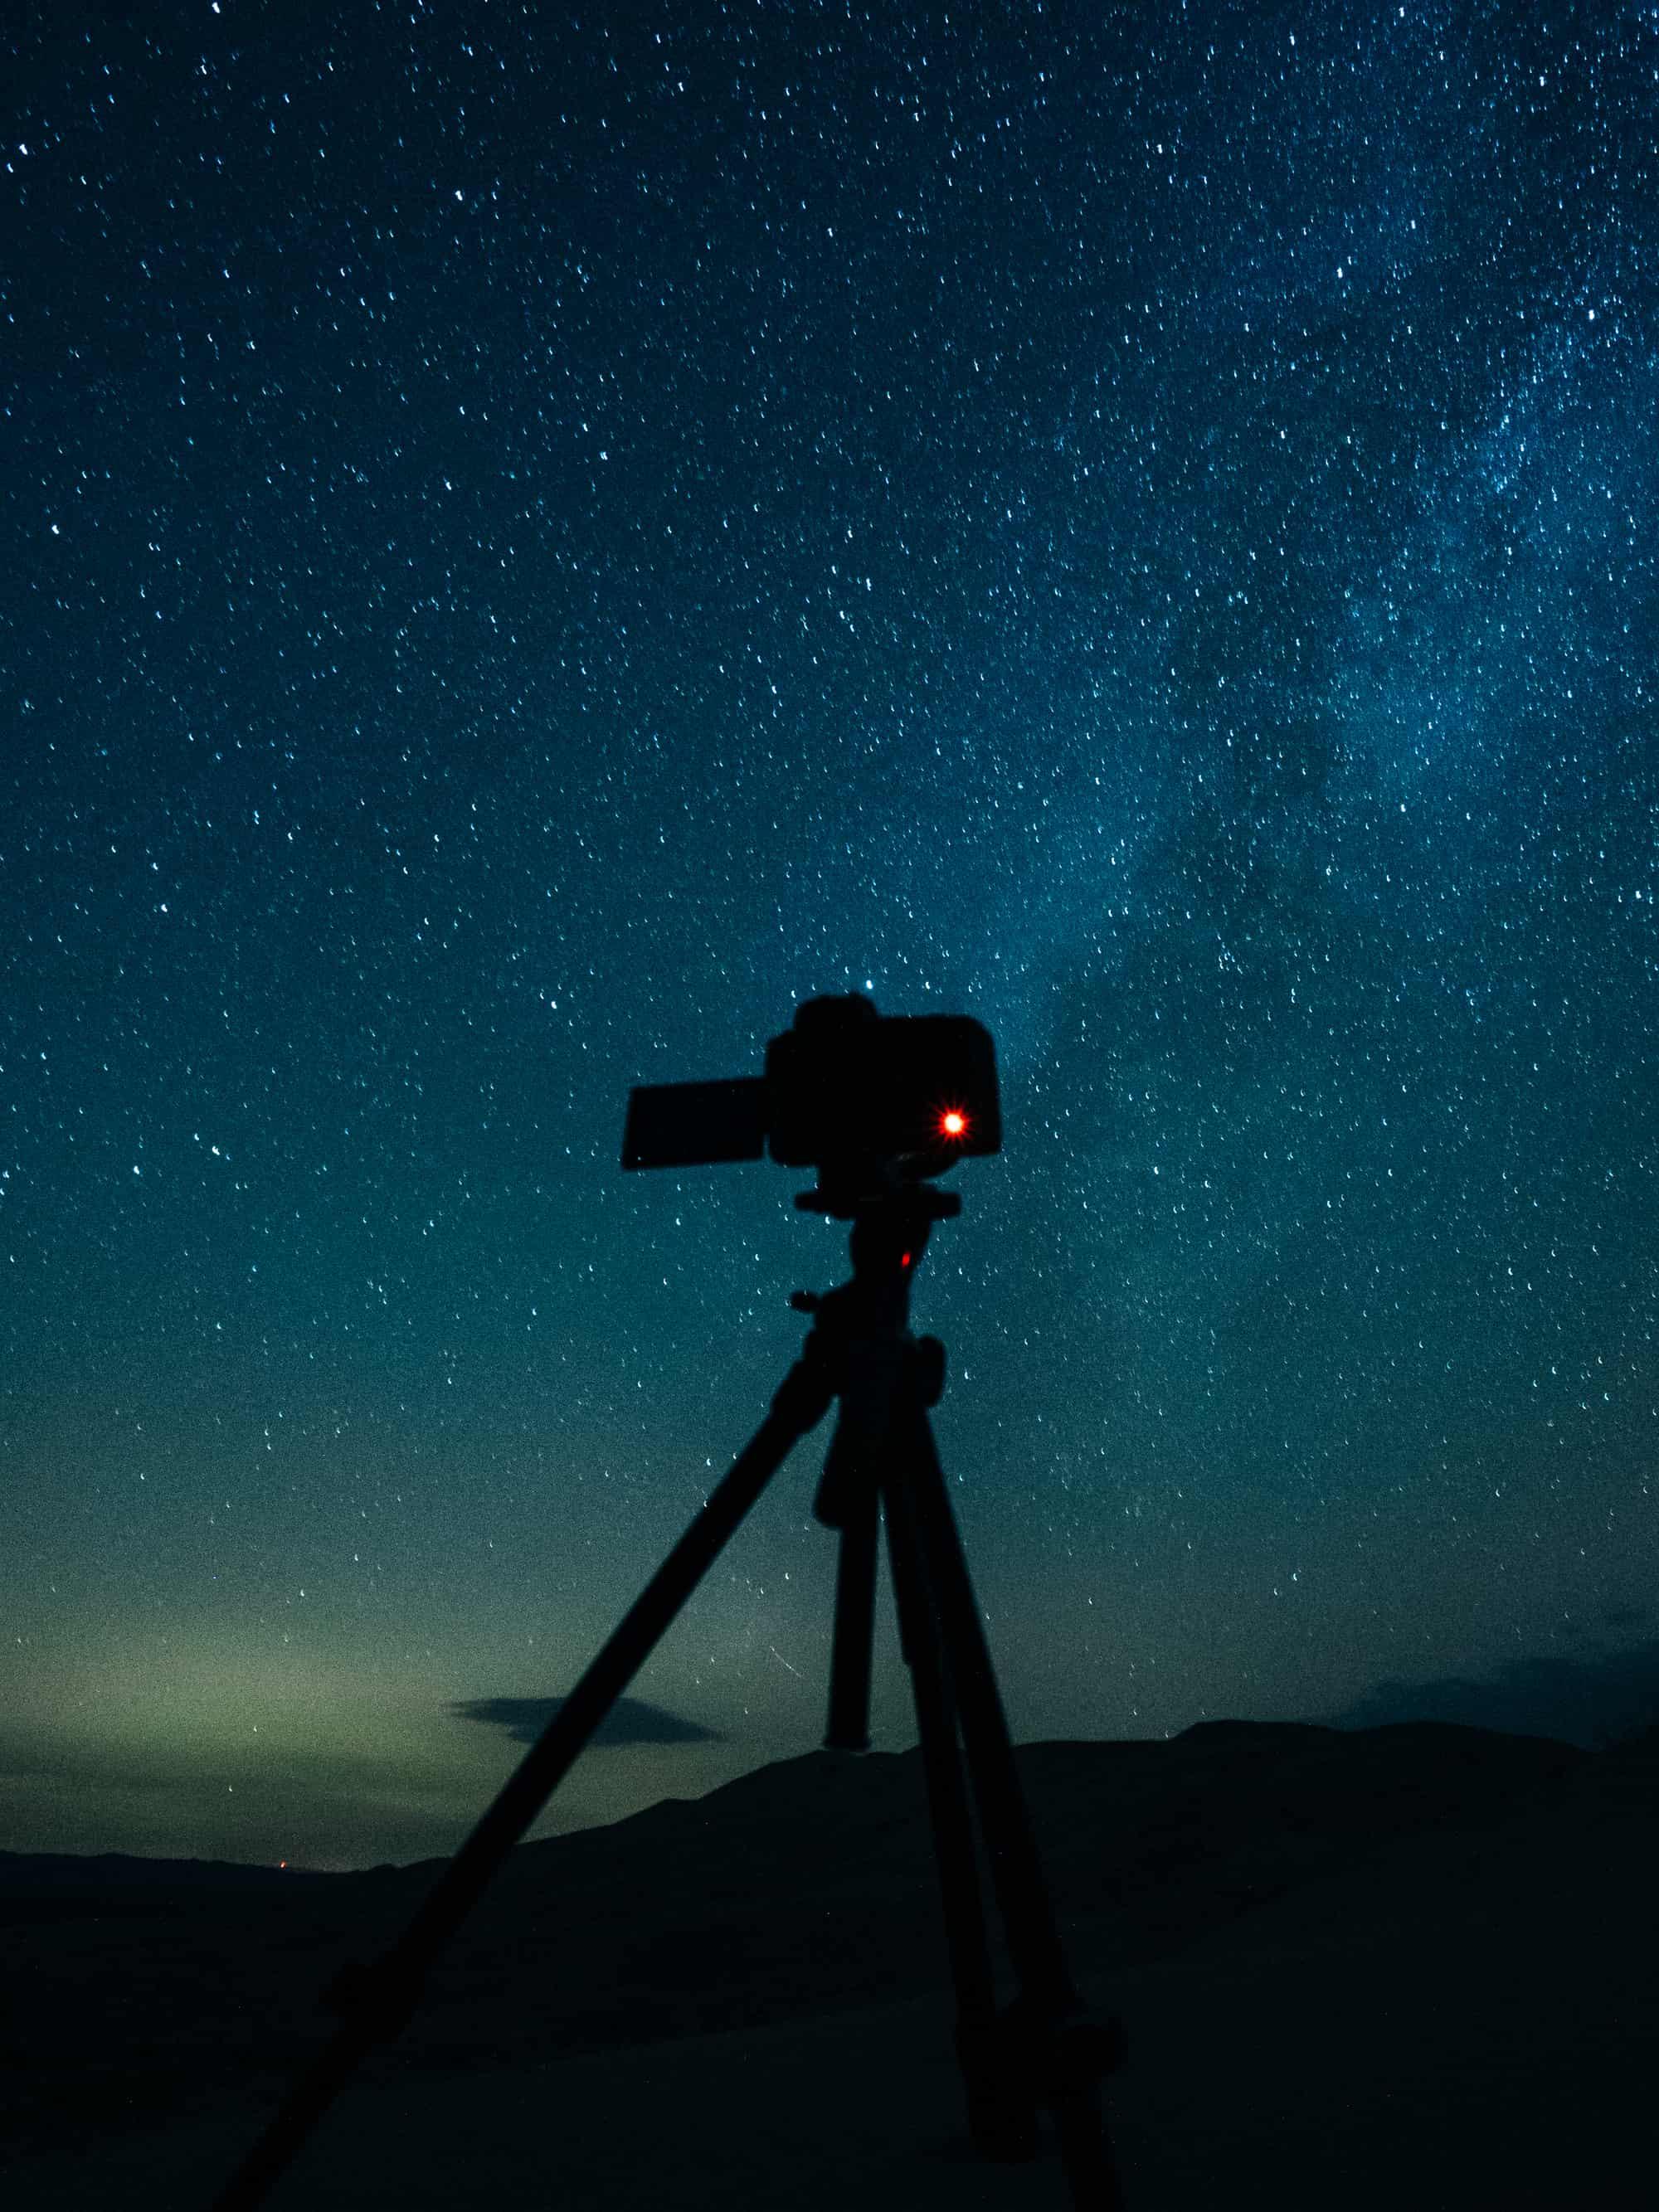 Un parque nacional de Estados Unidos fue elegido como uno de los mejores lugares del mundo para observar las estrellas